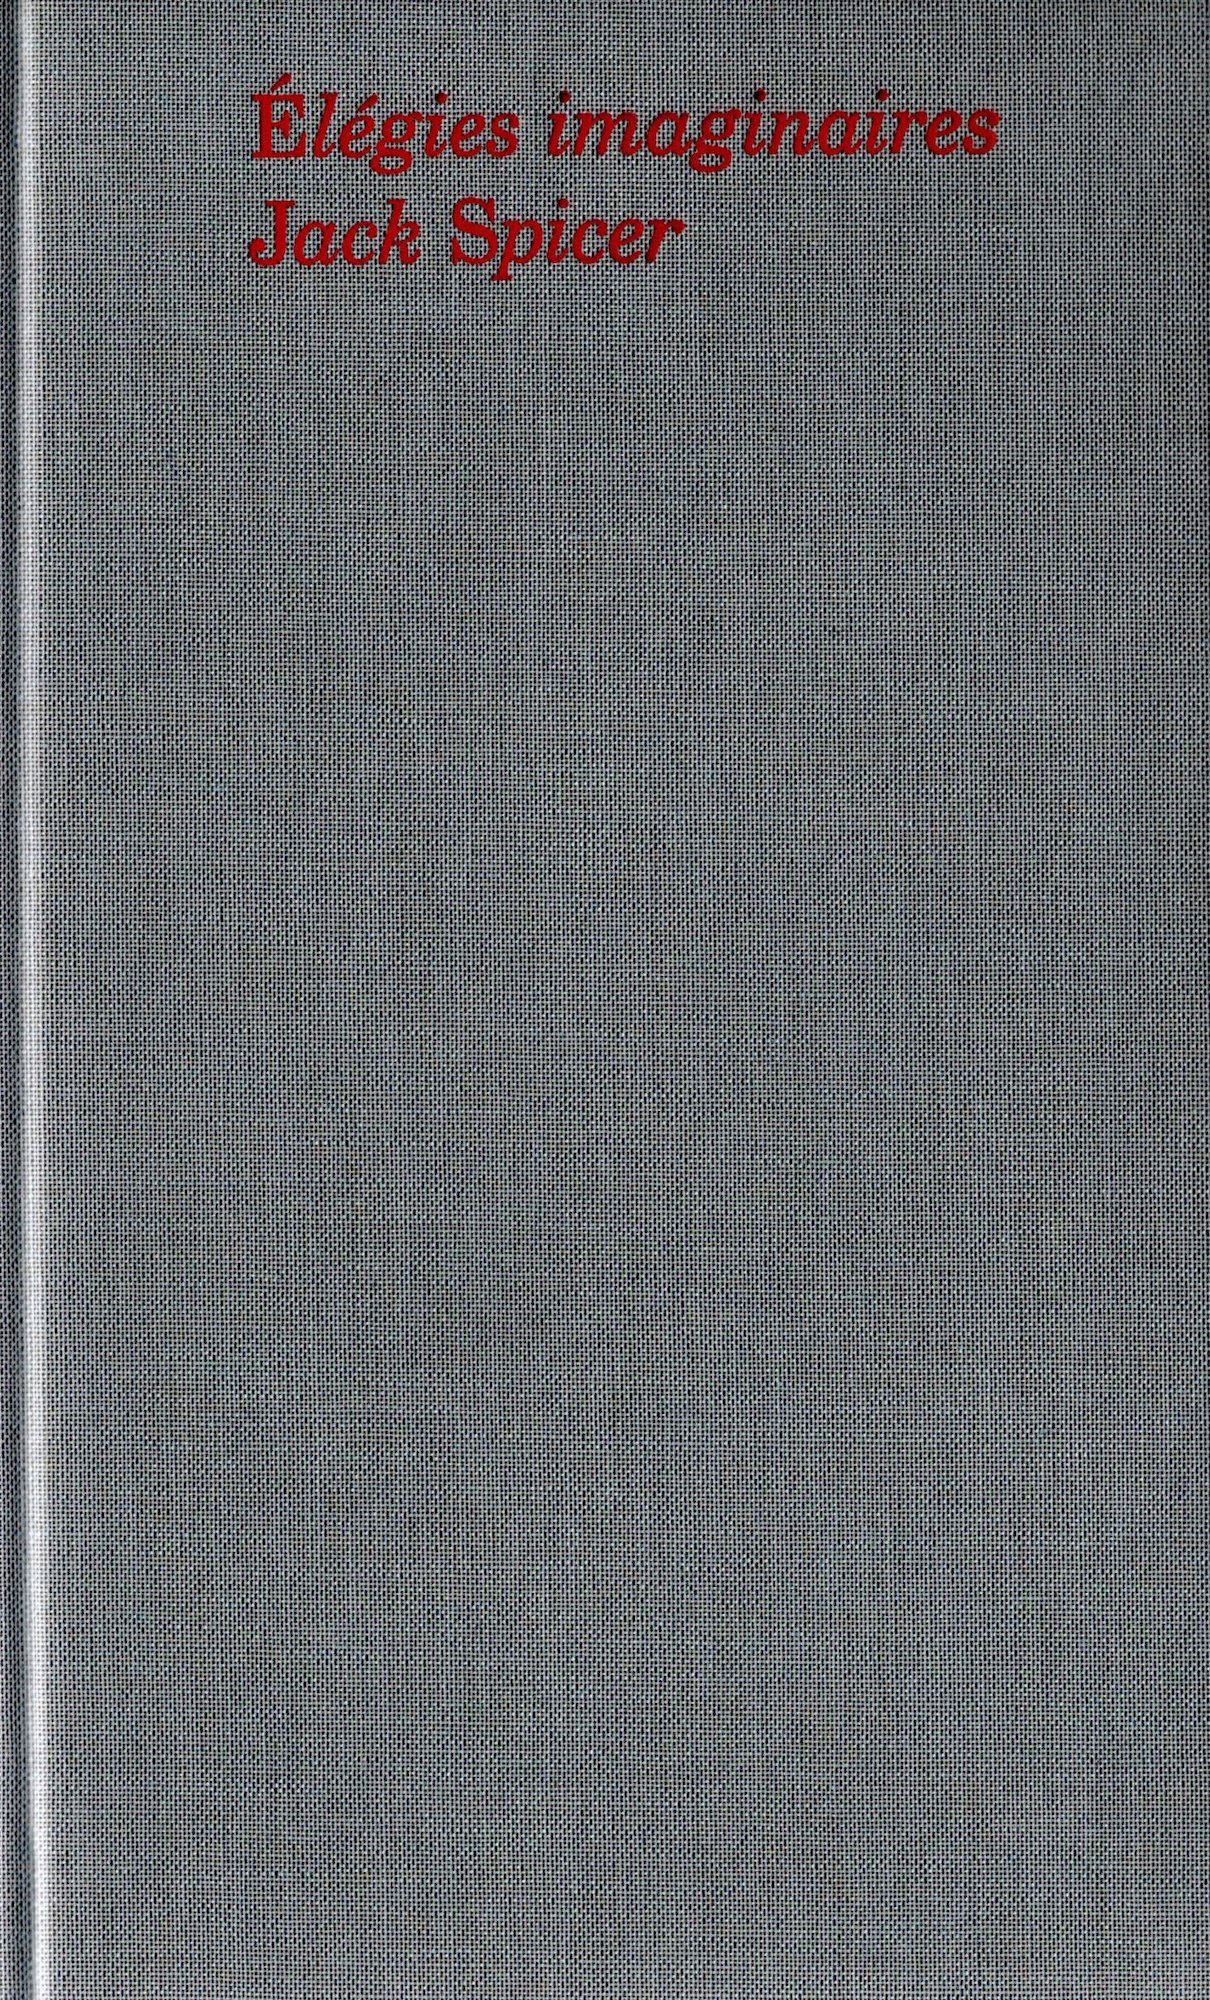 Jack Spicer, Élégies imaginaires, Vies parallèles (couverture)